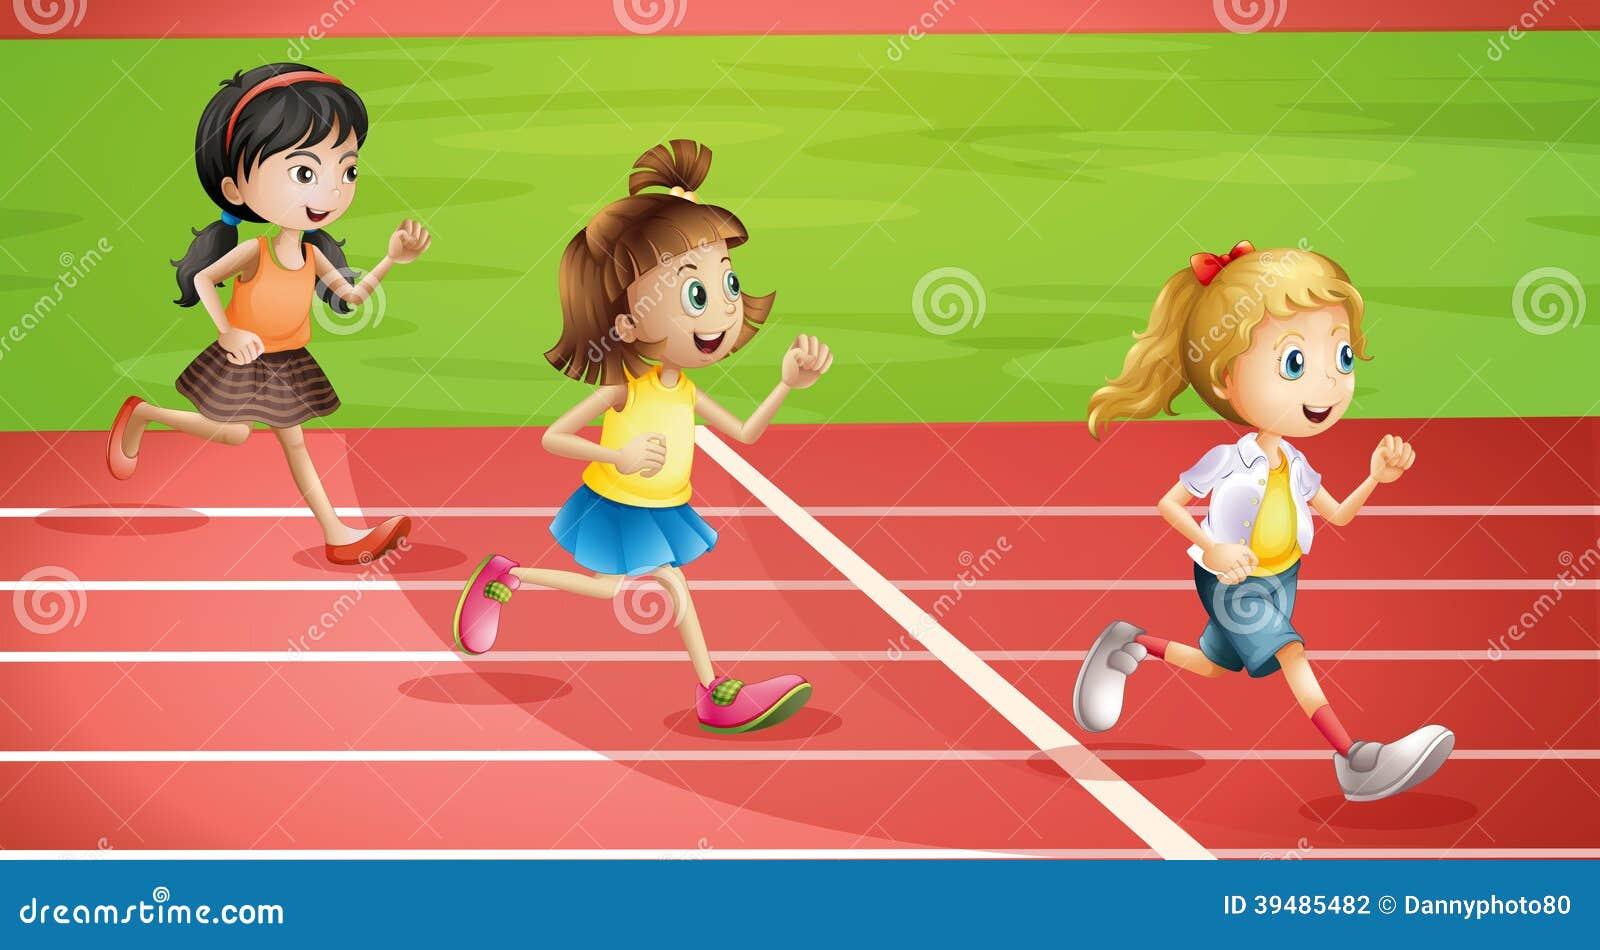 Three kids jogging